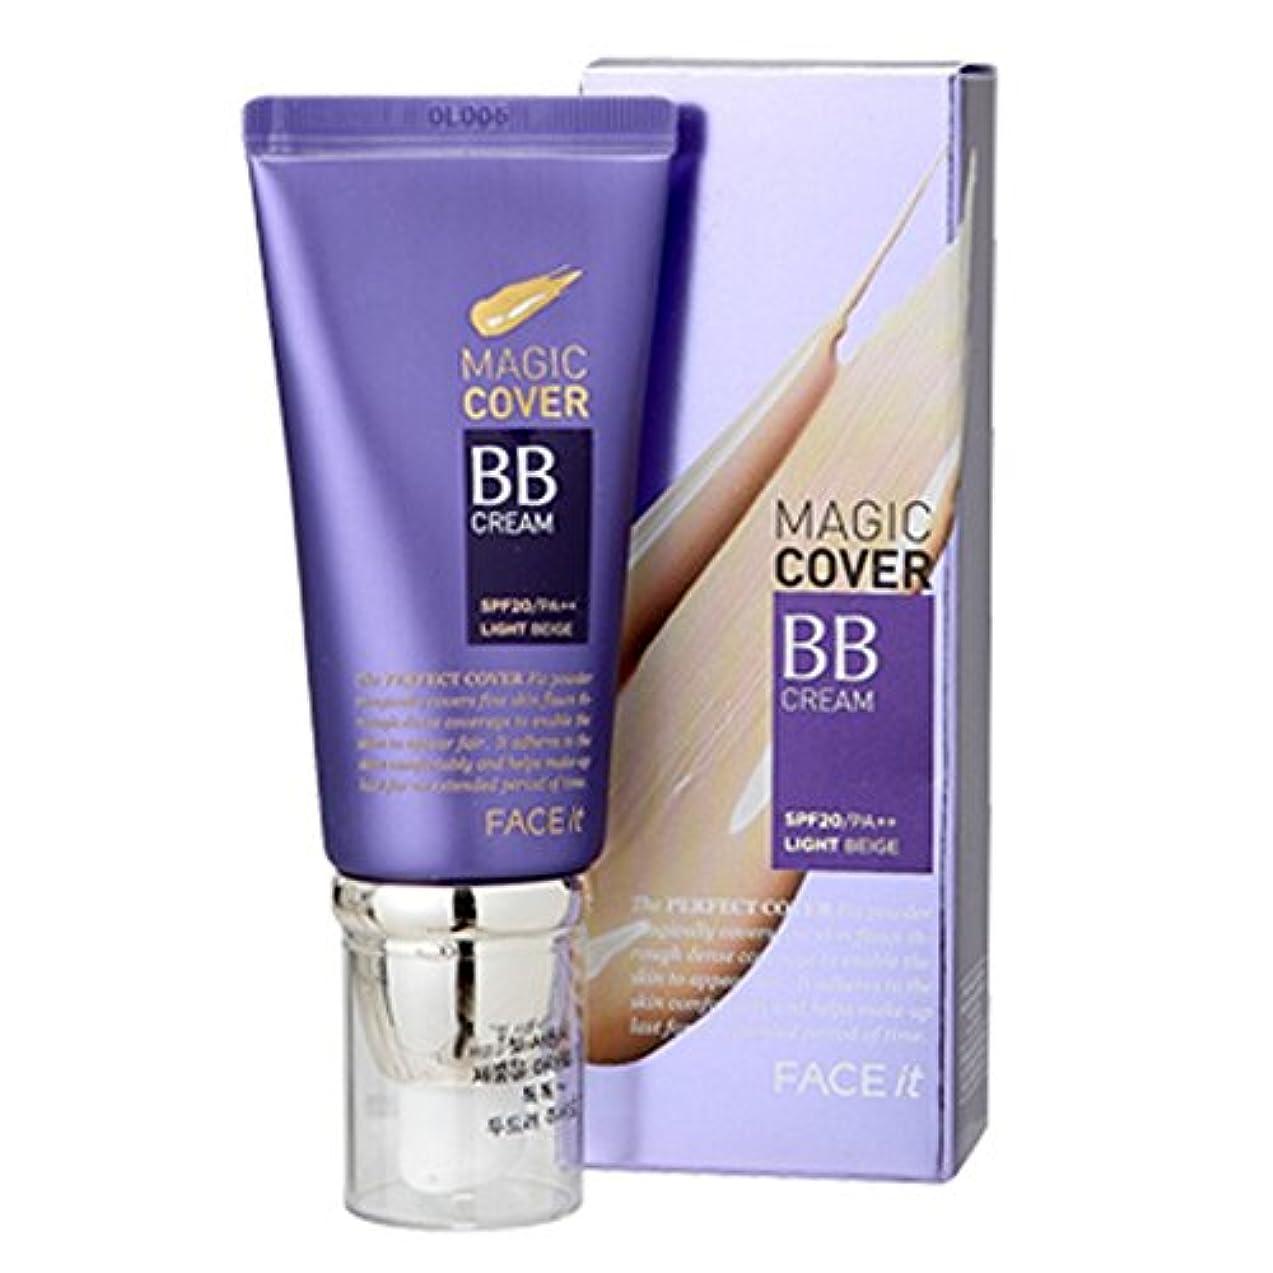 第ドループ役立つザフェイスショップ The Face Shop Face It Magic Cover BB Cream 45ml (02 Natural Beige)